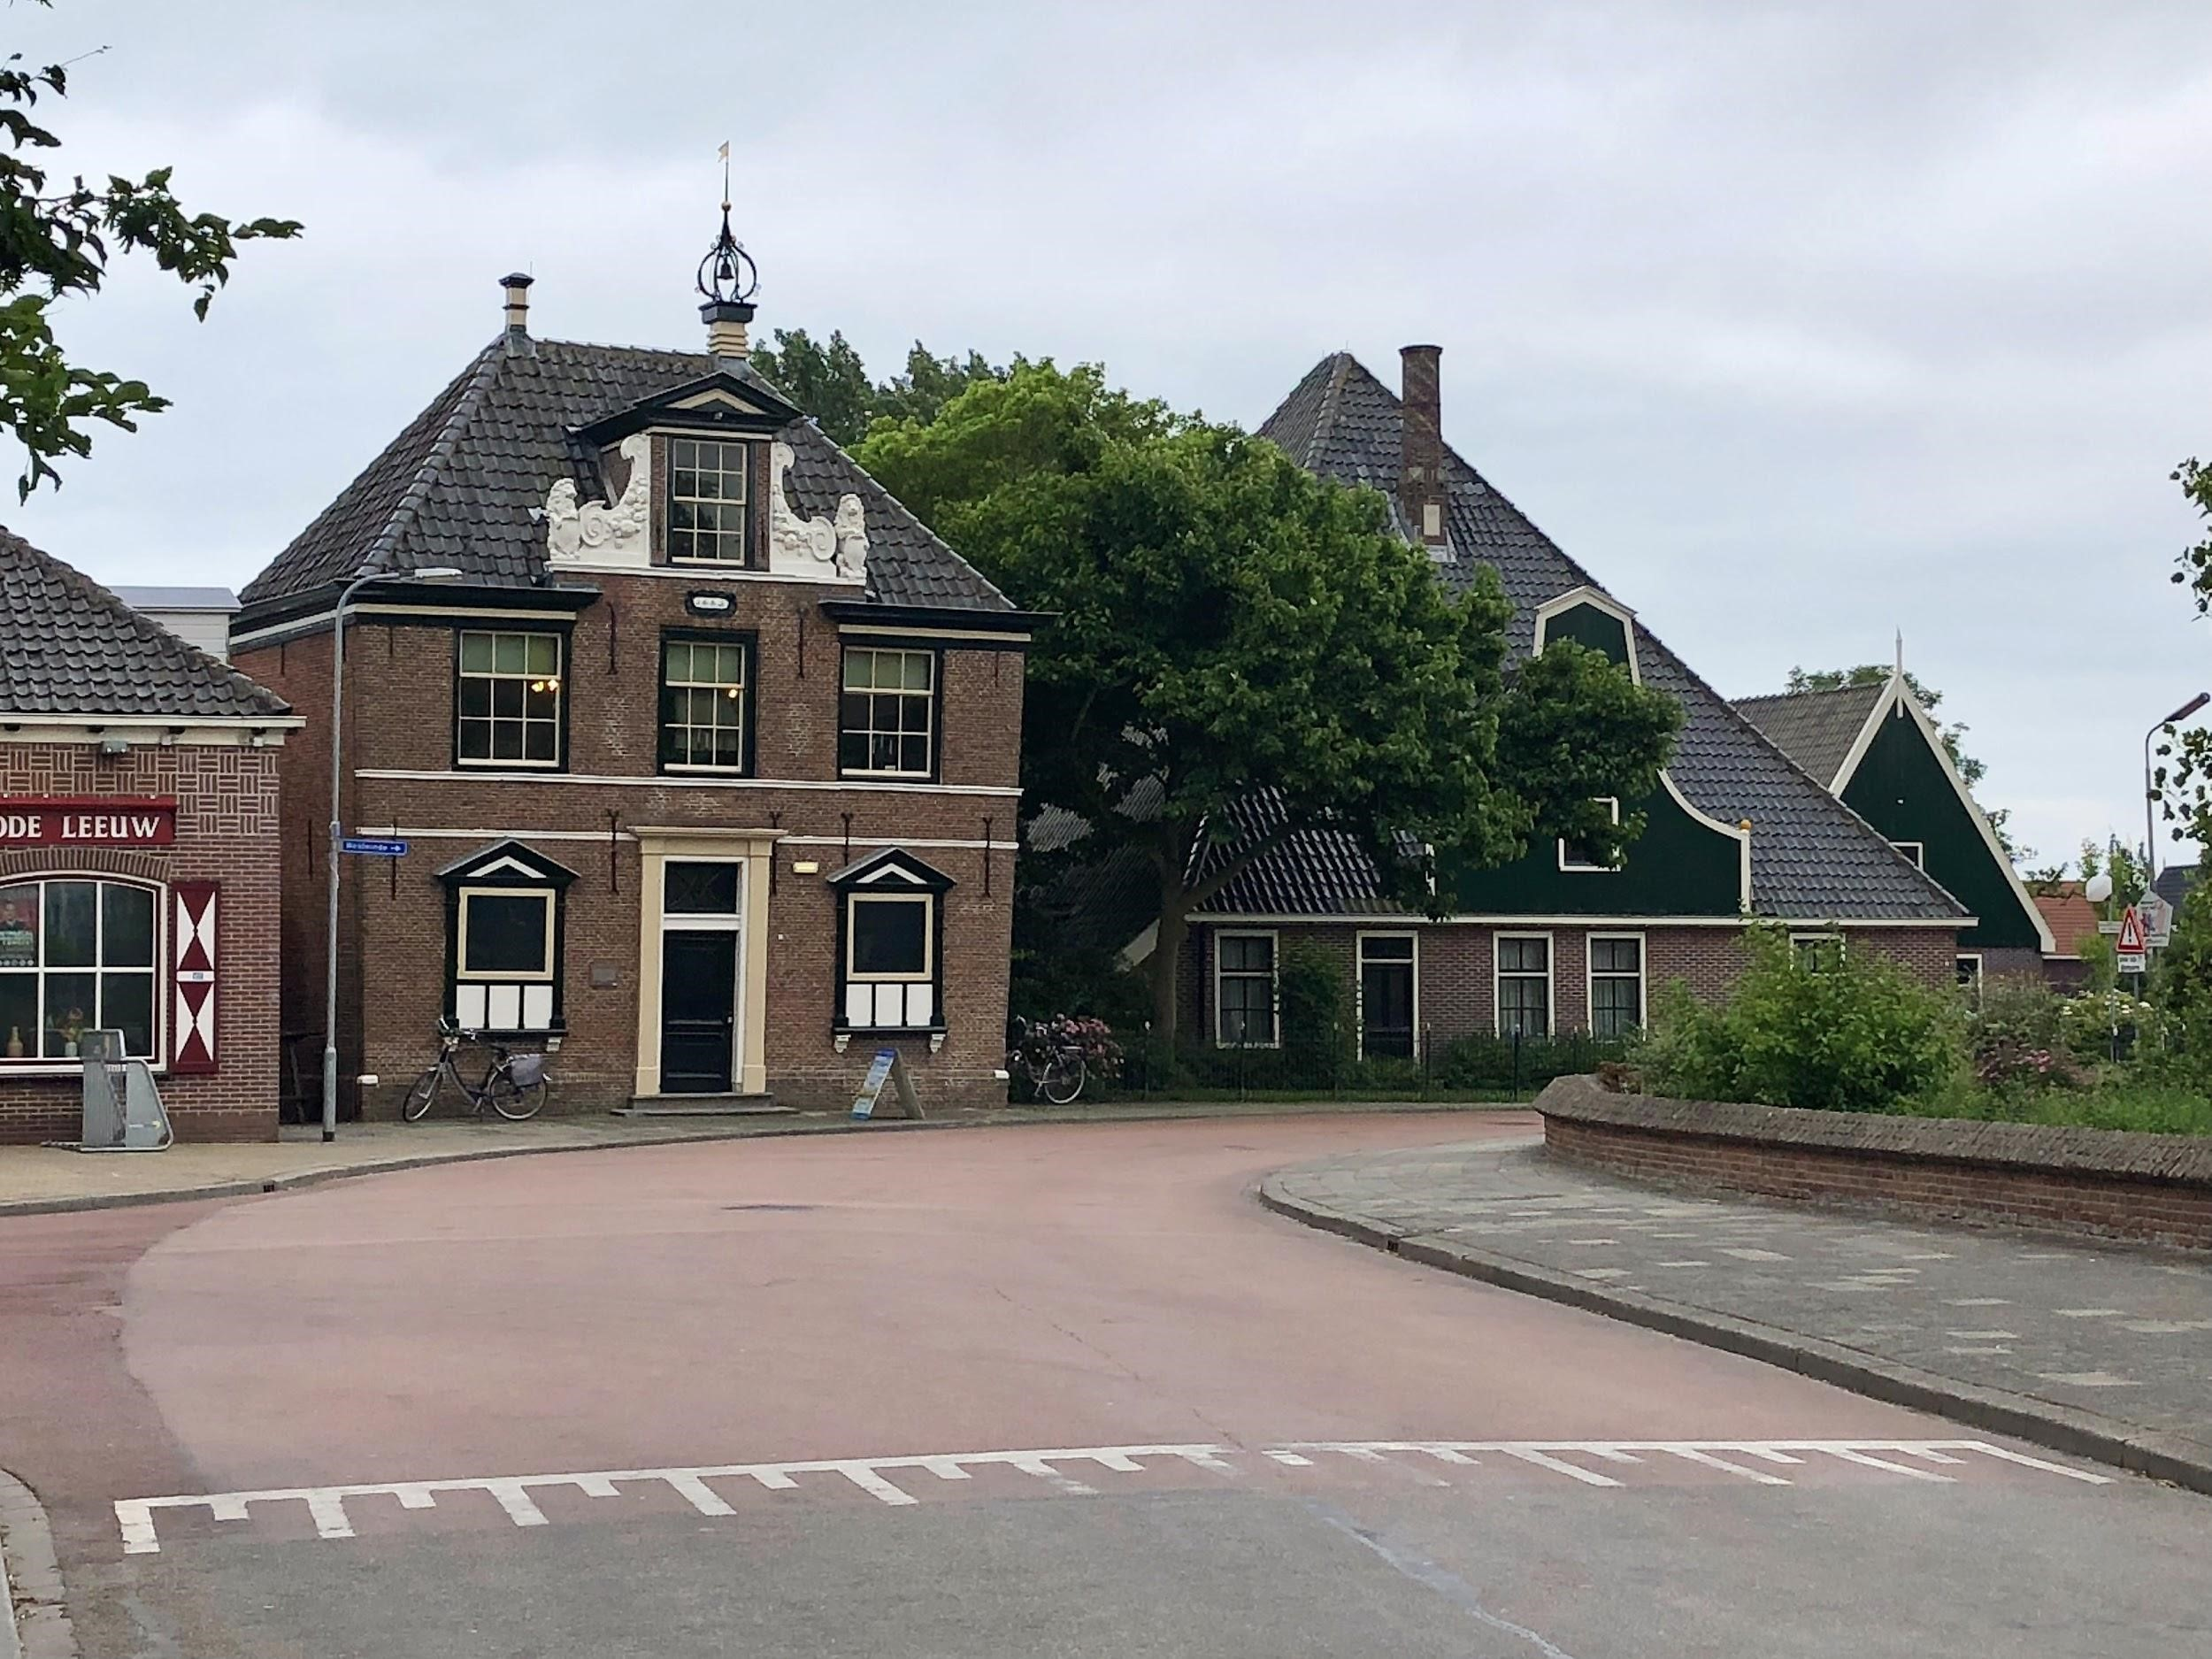 Het Koggehuis en de stolp vandaag de dag. Beeld: Eva Bleeker.